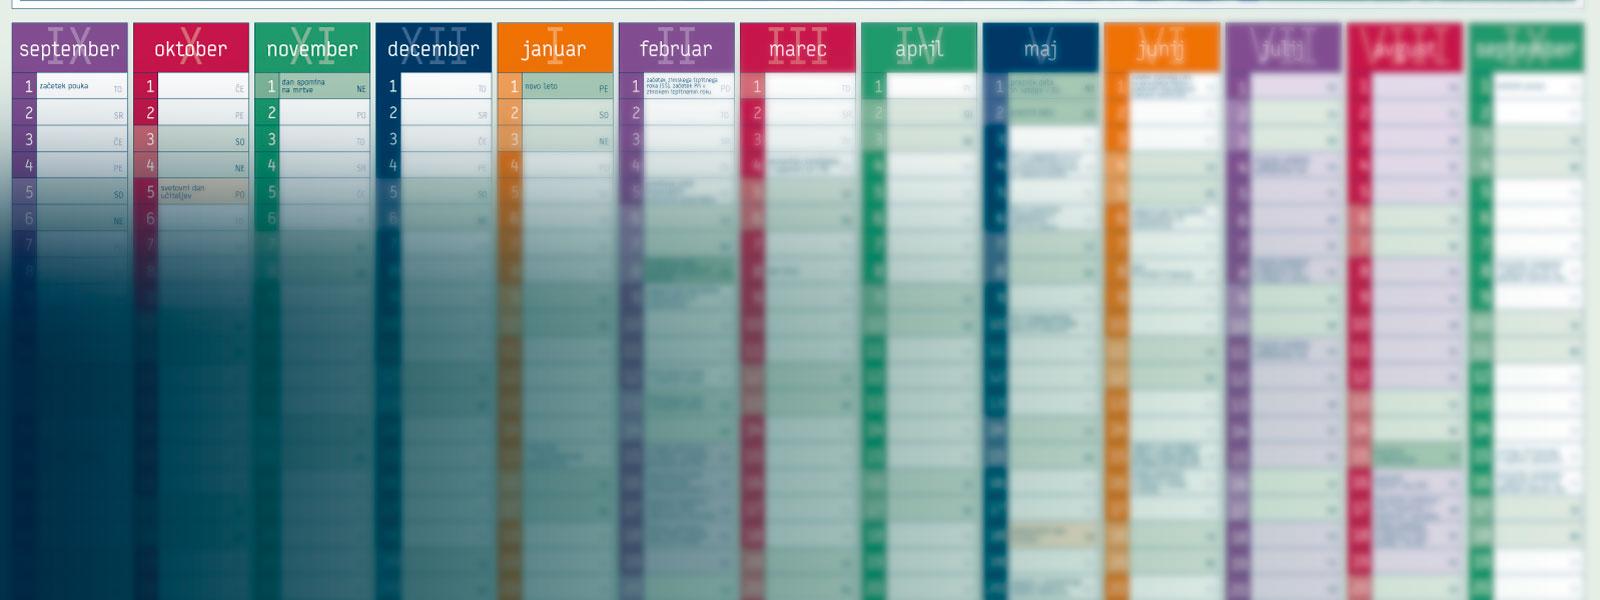 Šolski koledar 2015/16